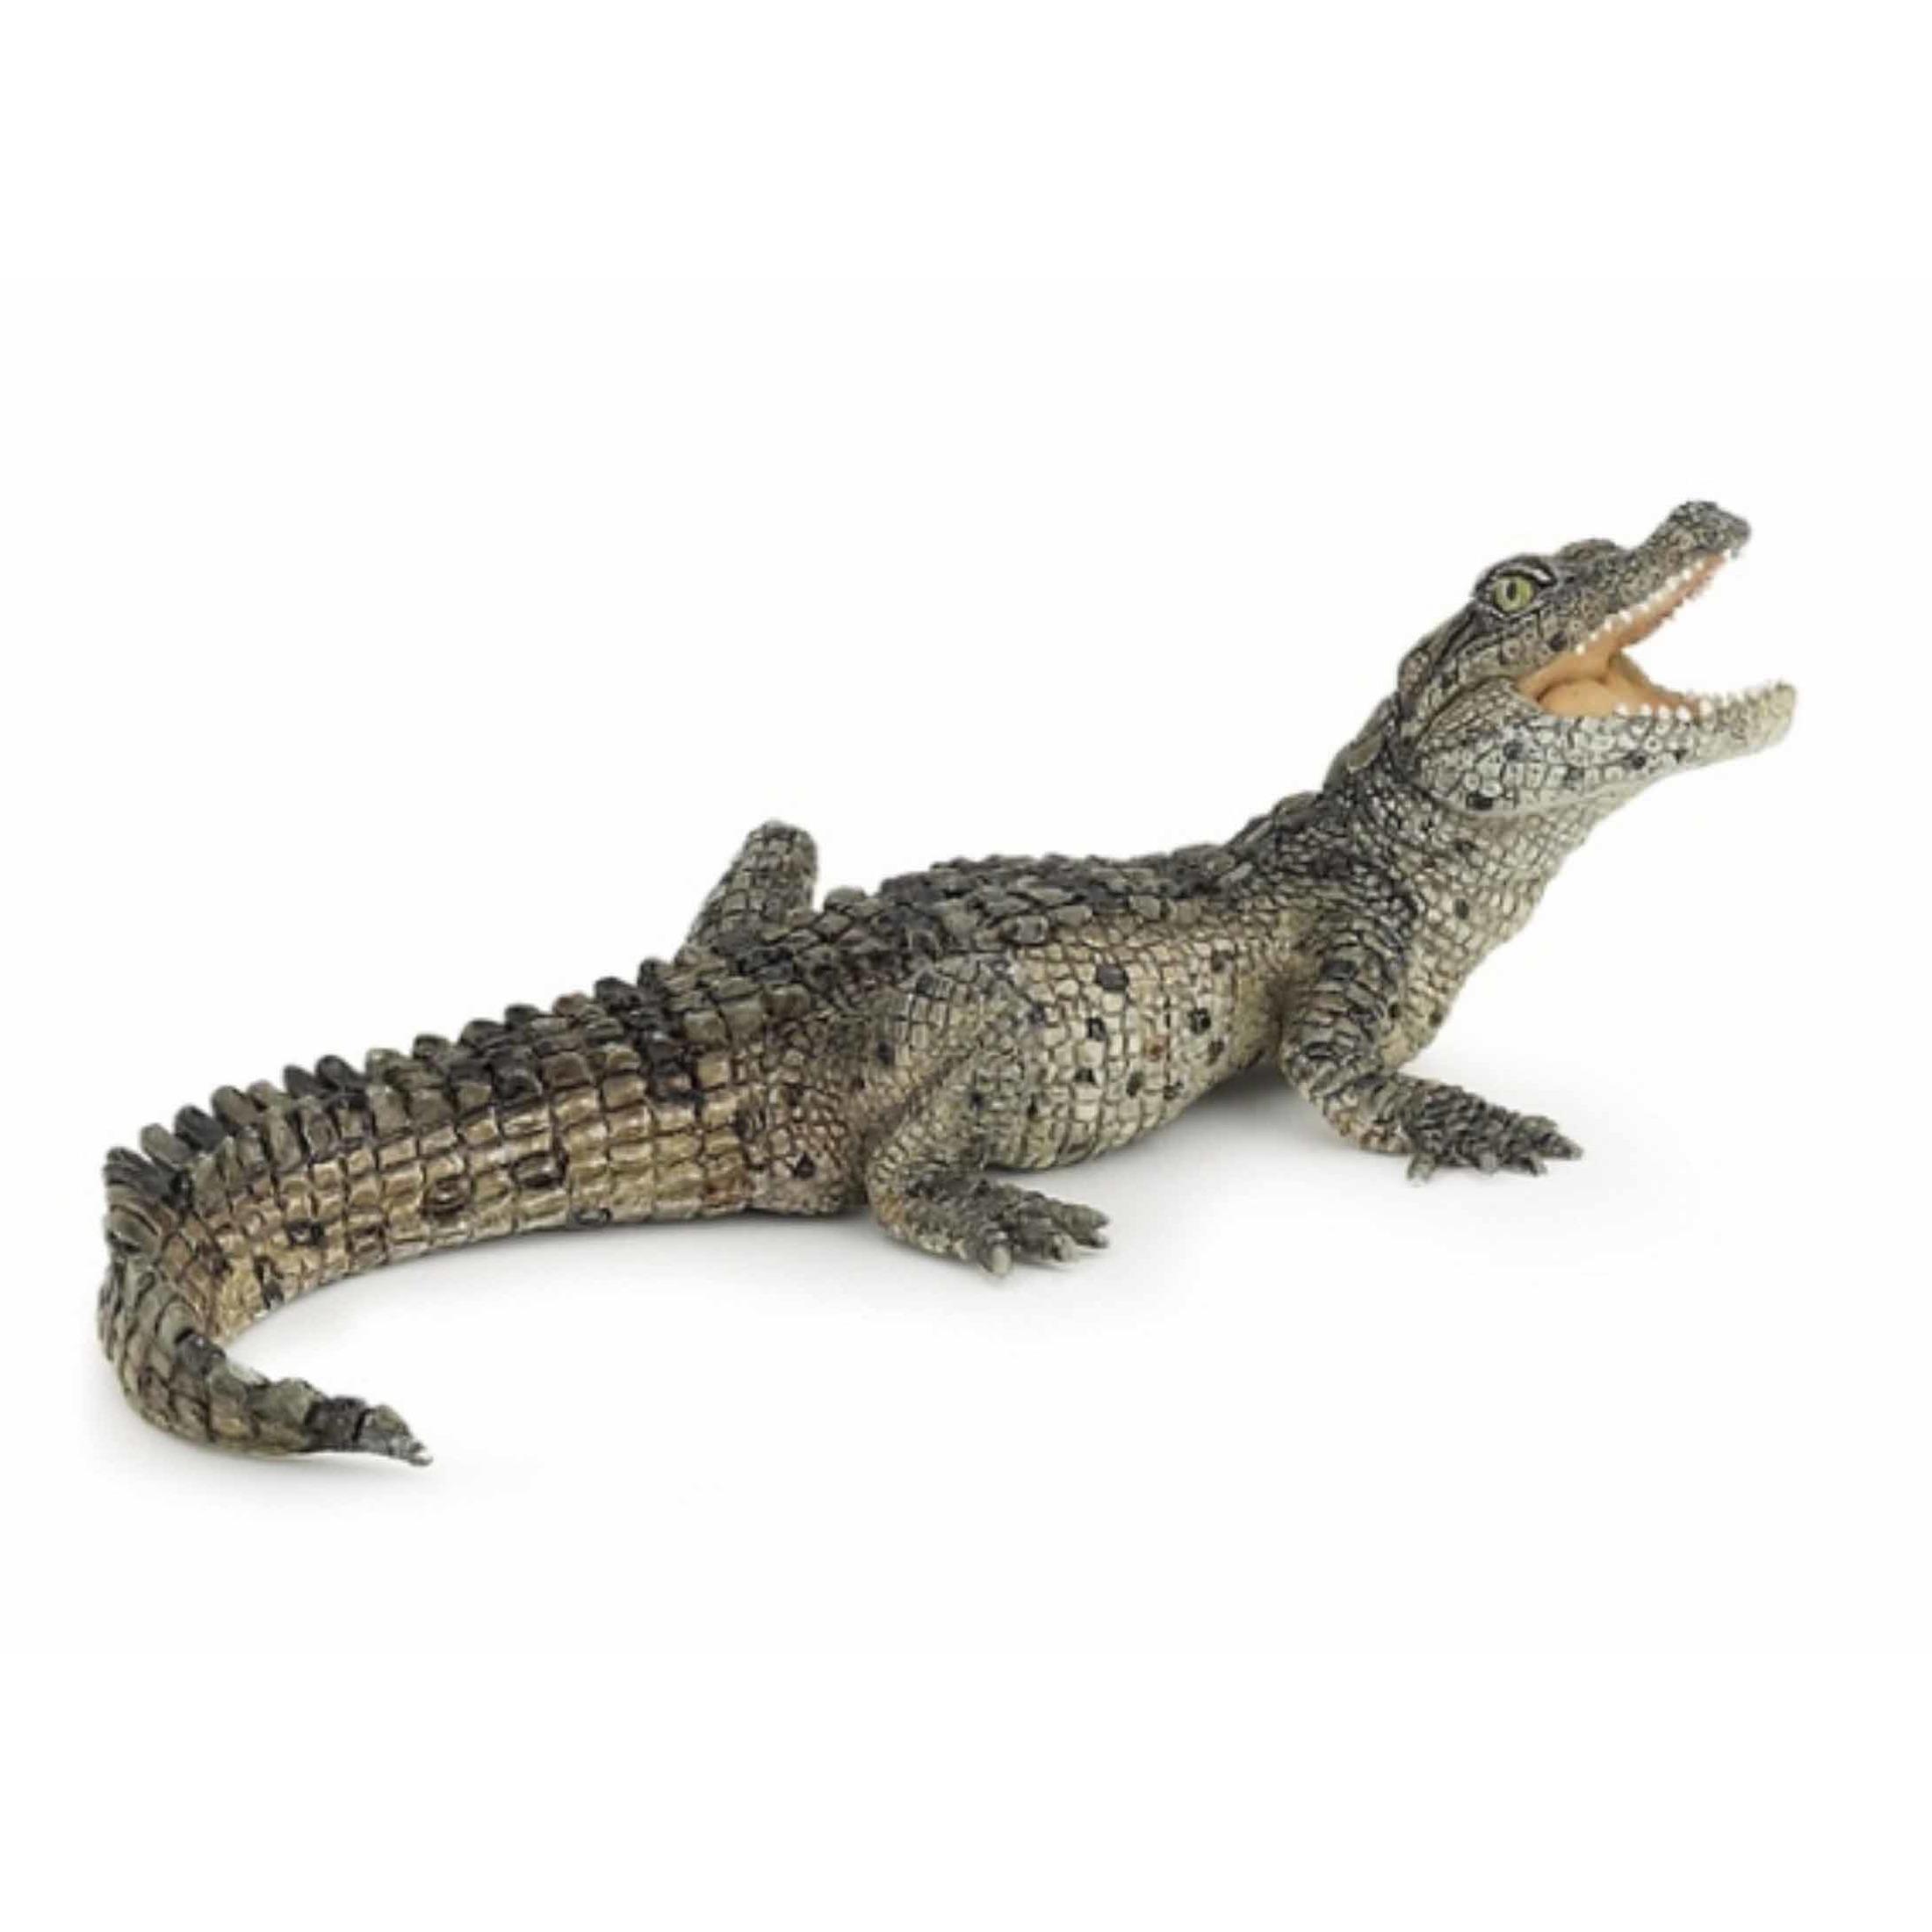 Plastic baby krokodil 10 cm